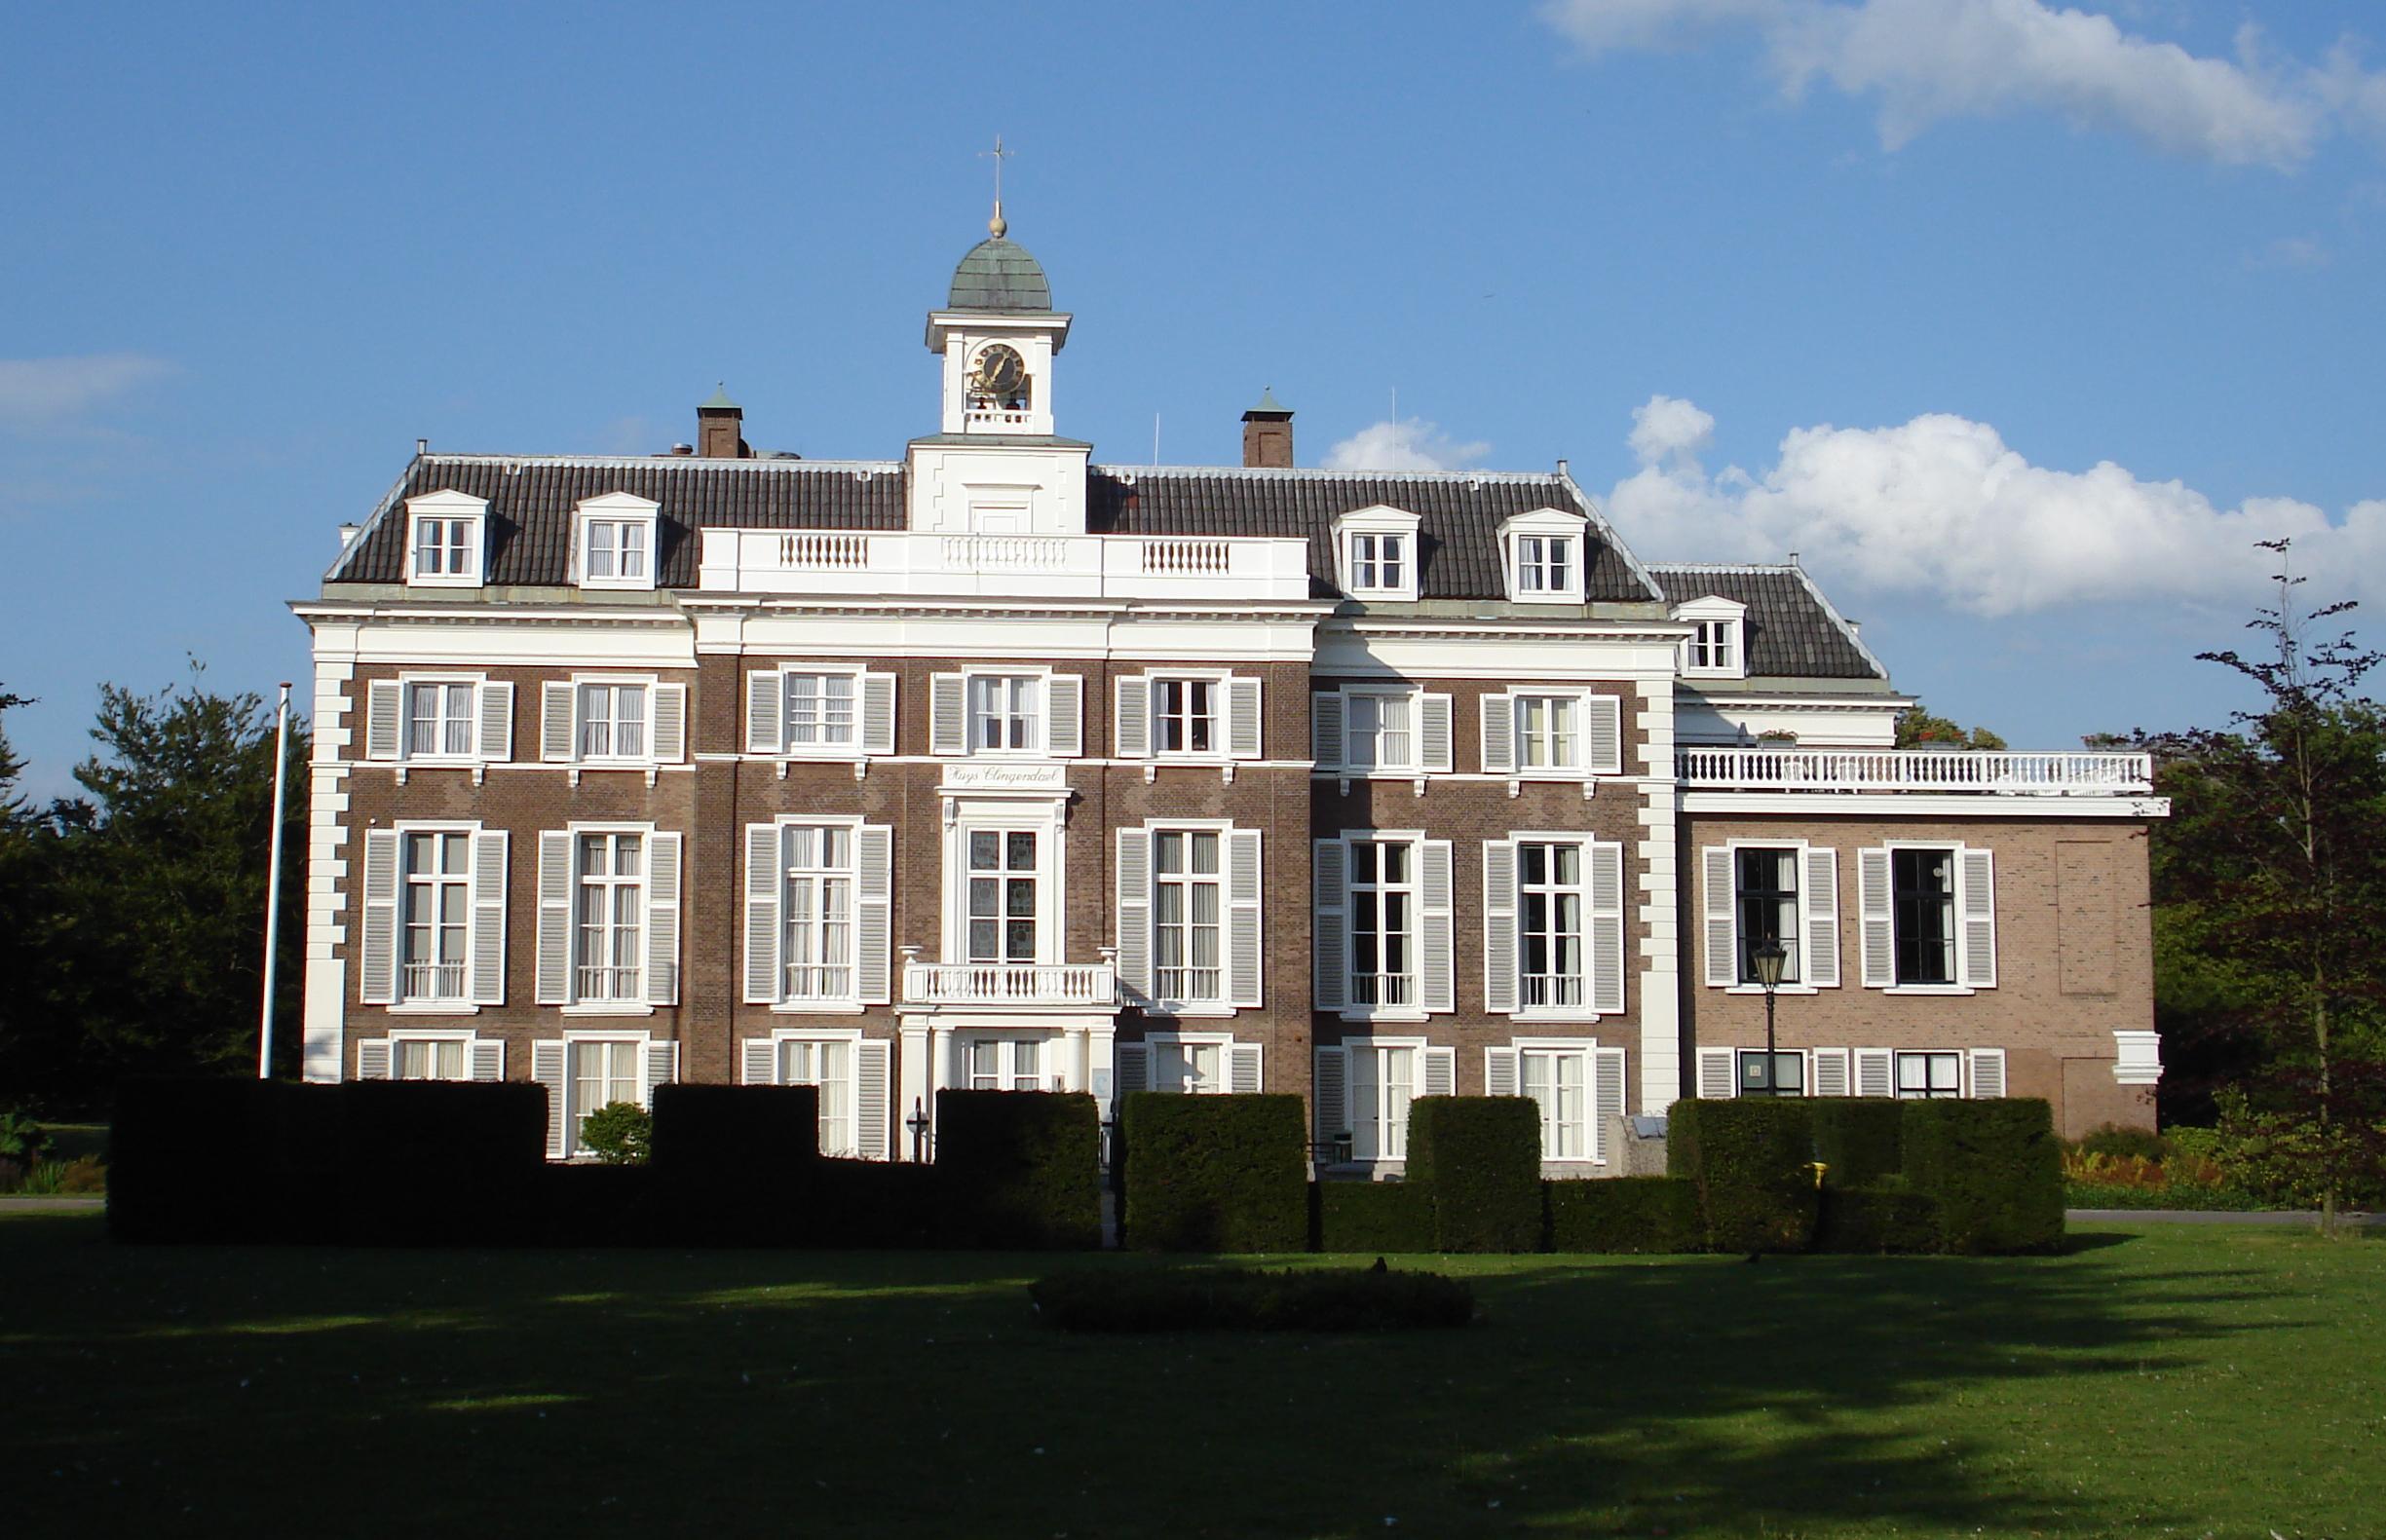 landgoed clingendael - wikipedia